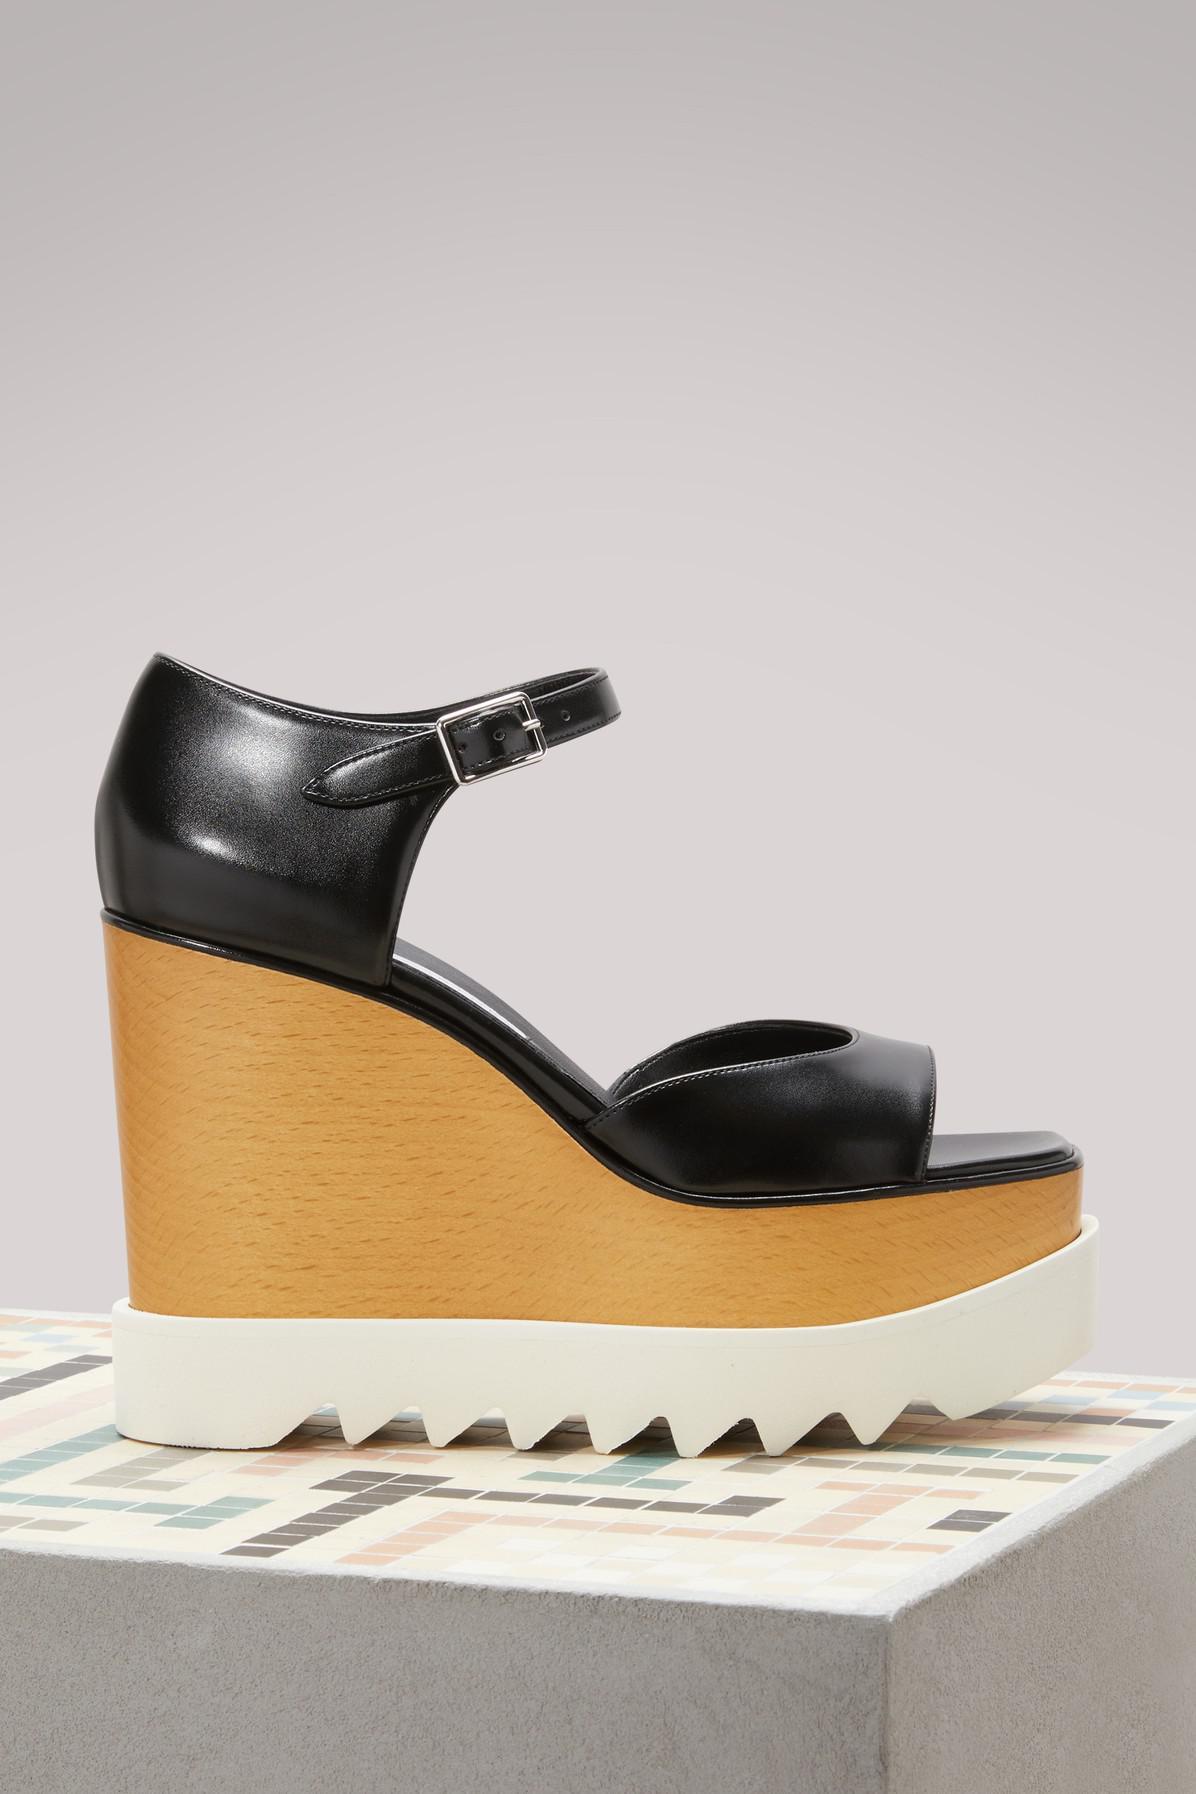 16a0099bc66 Stella McCartney Elyse Wedge Sandals in Black - Lyst